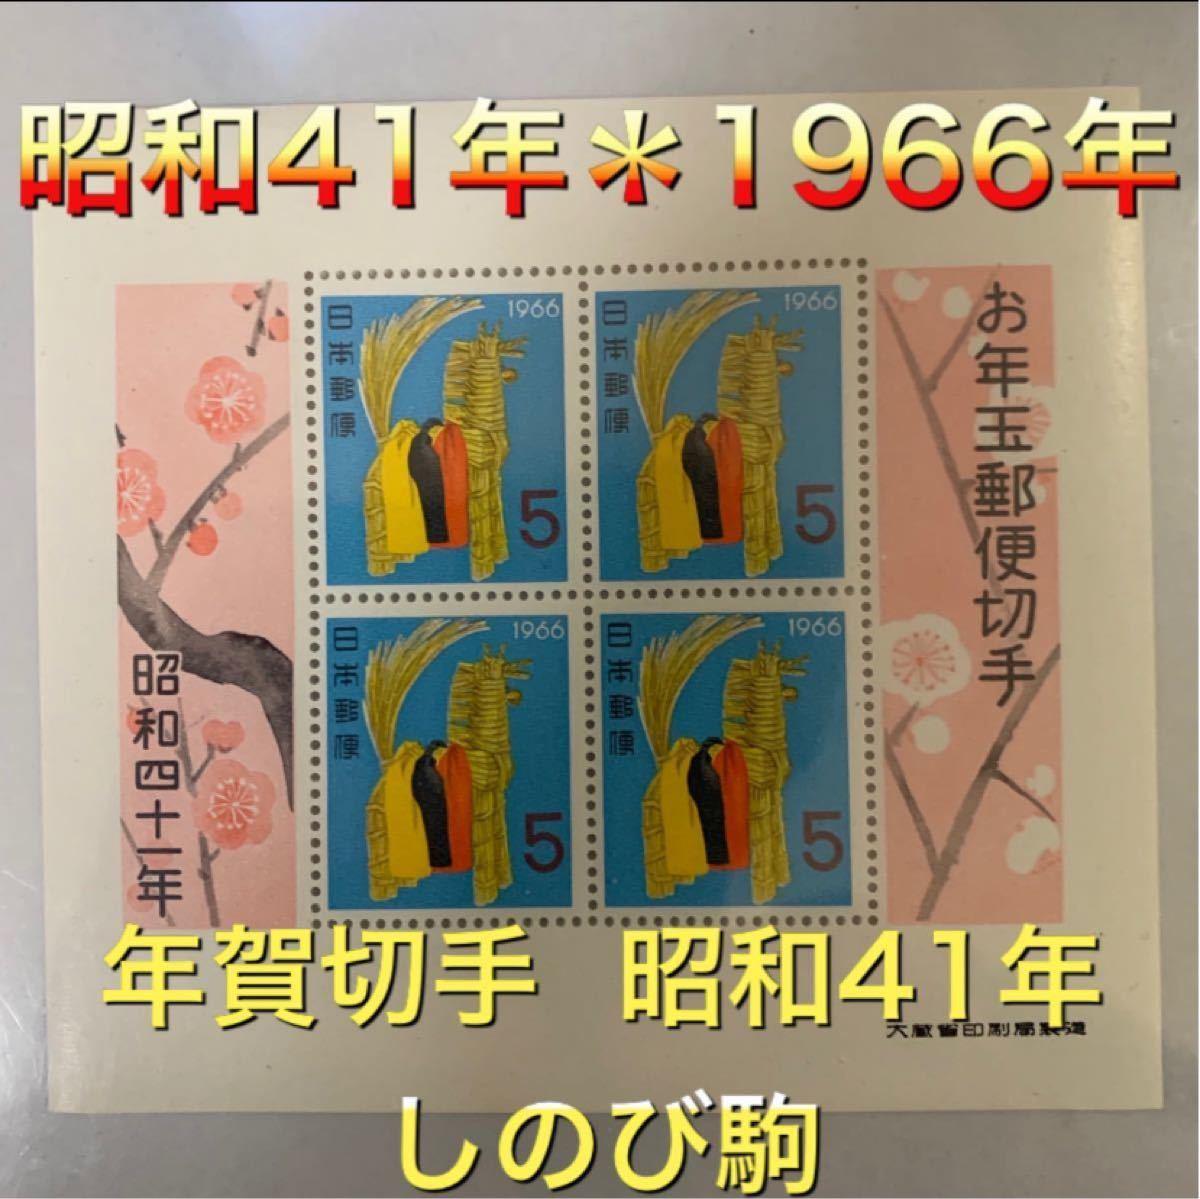 年賀切手 日本切手 郵便切手 お年玉切手 小型シート 昭和41年 しのび駒